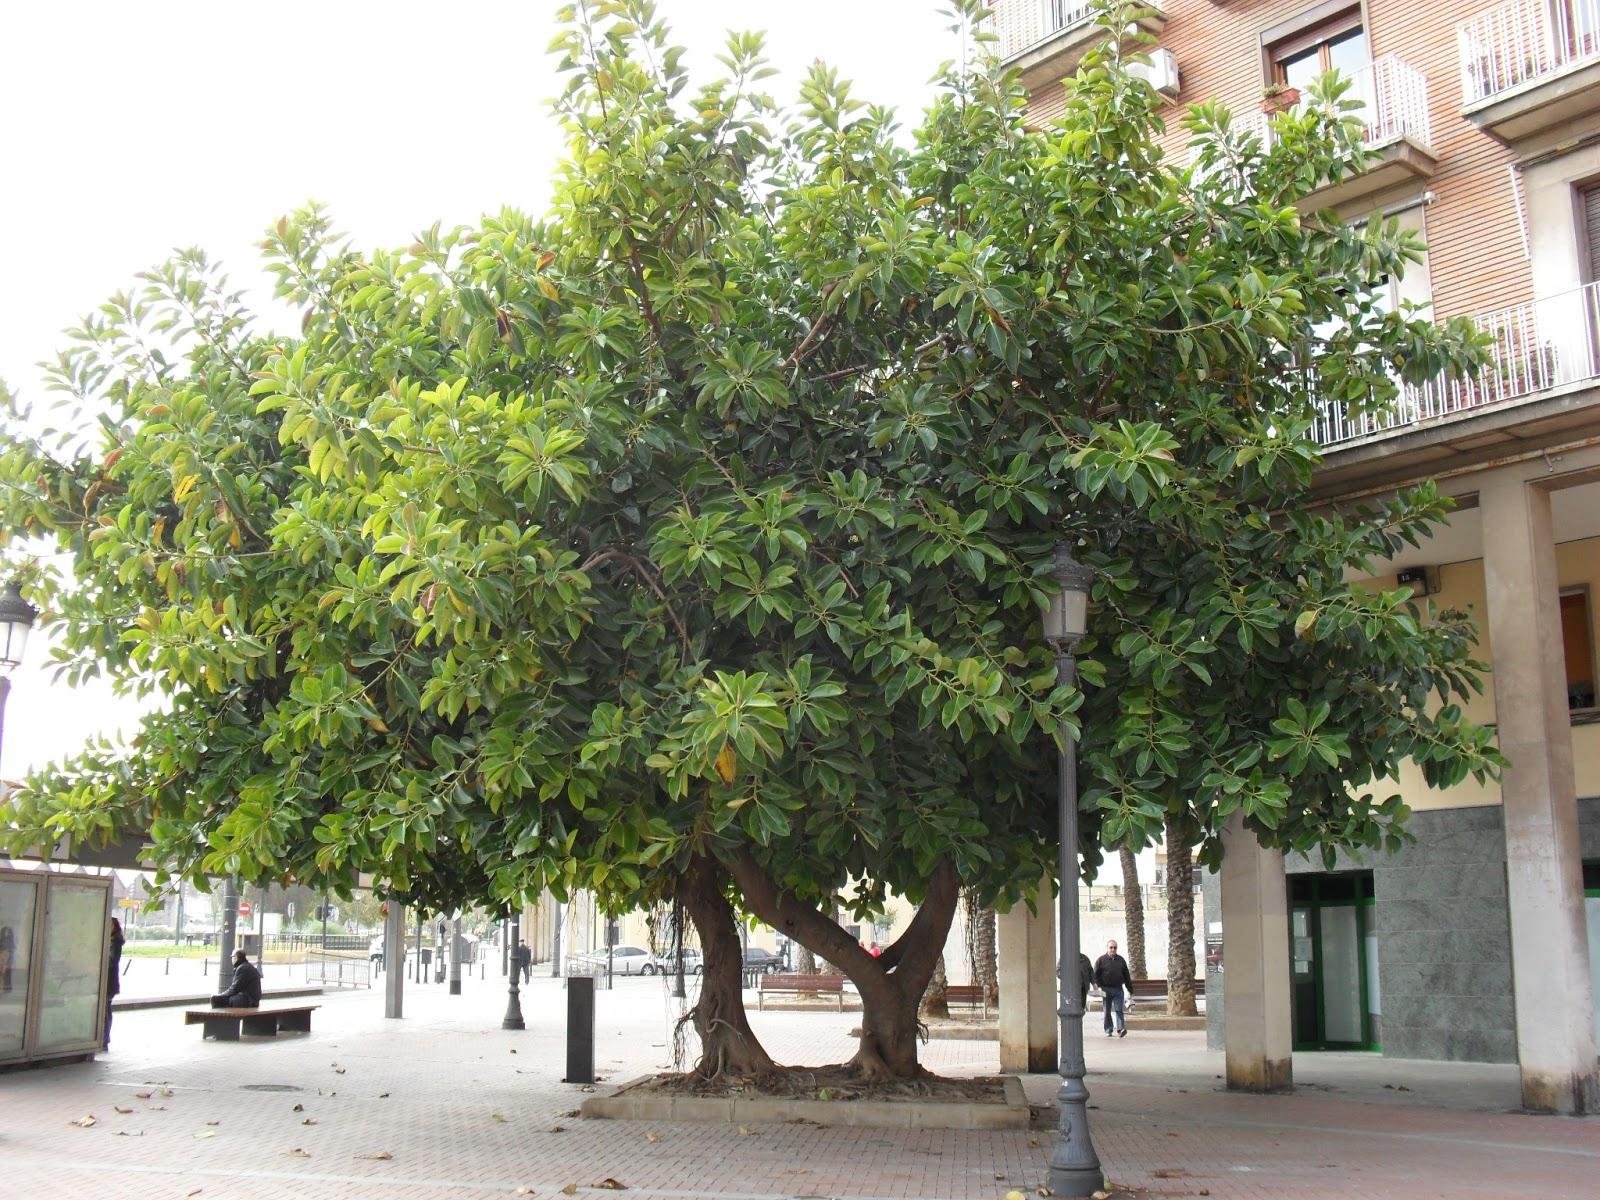 Tercera eposha arbol ficus de la plaza armada espa ola de for Jardin de ayora